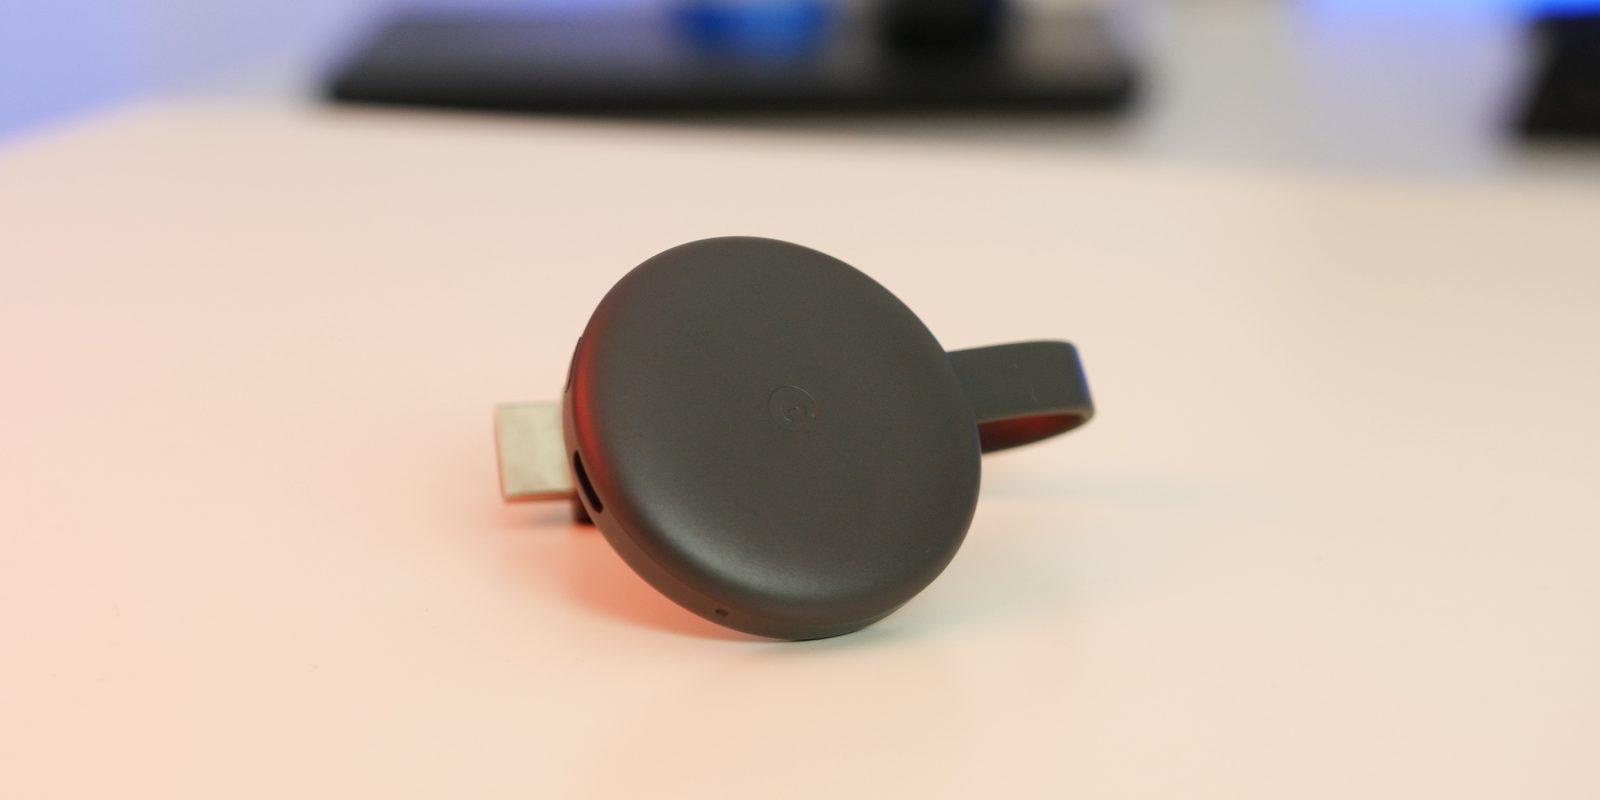 Friday's deals: Google Chromecast, Chromebooks, more - 9to5Google